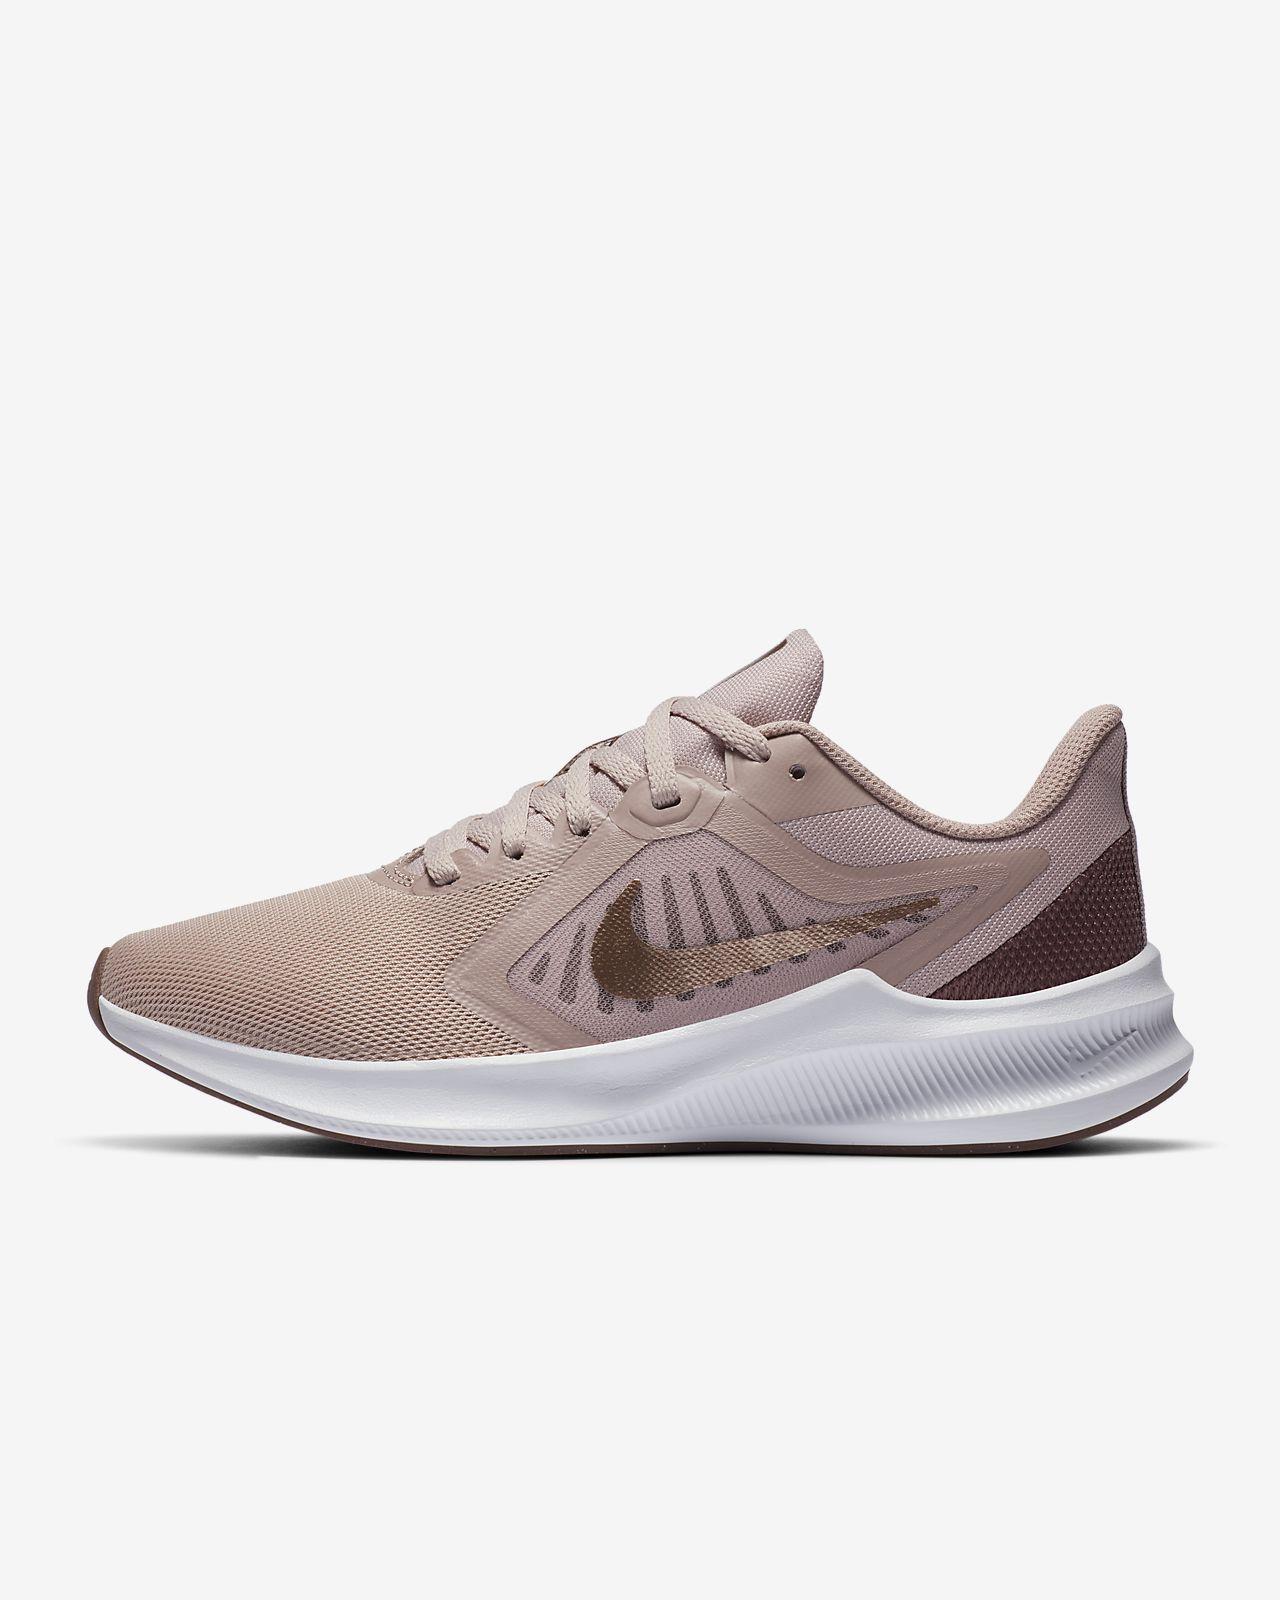 Женские беговые кроссовки Nike Downshifter 10